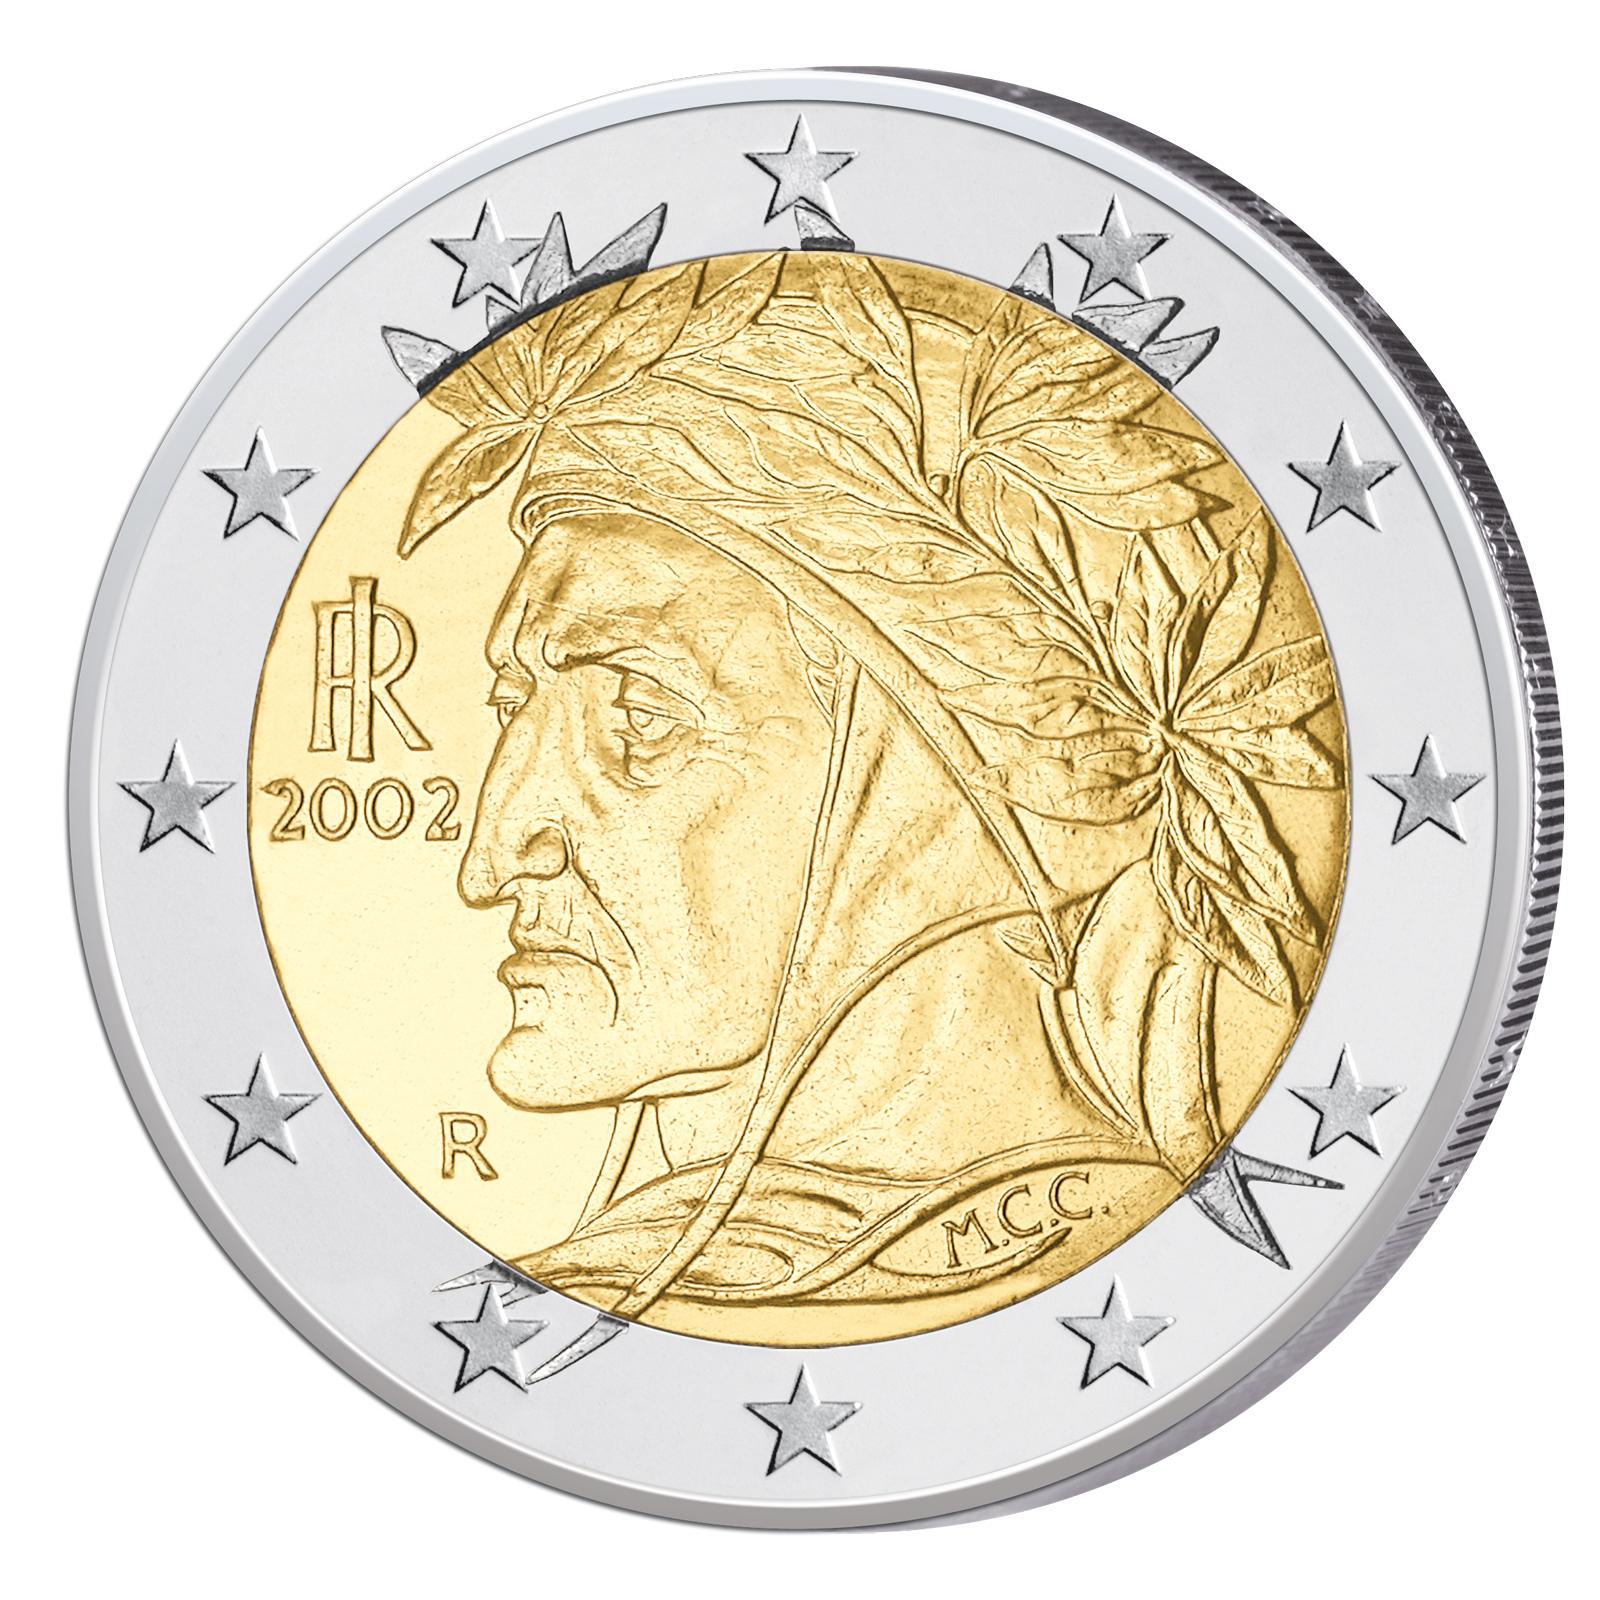 2 Euro Münzen Wert Liste 2002 Hindu Tube